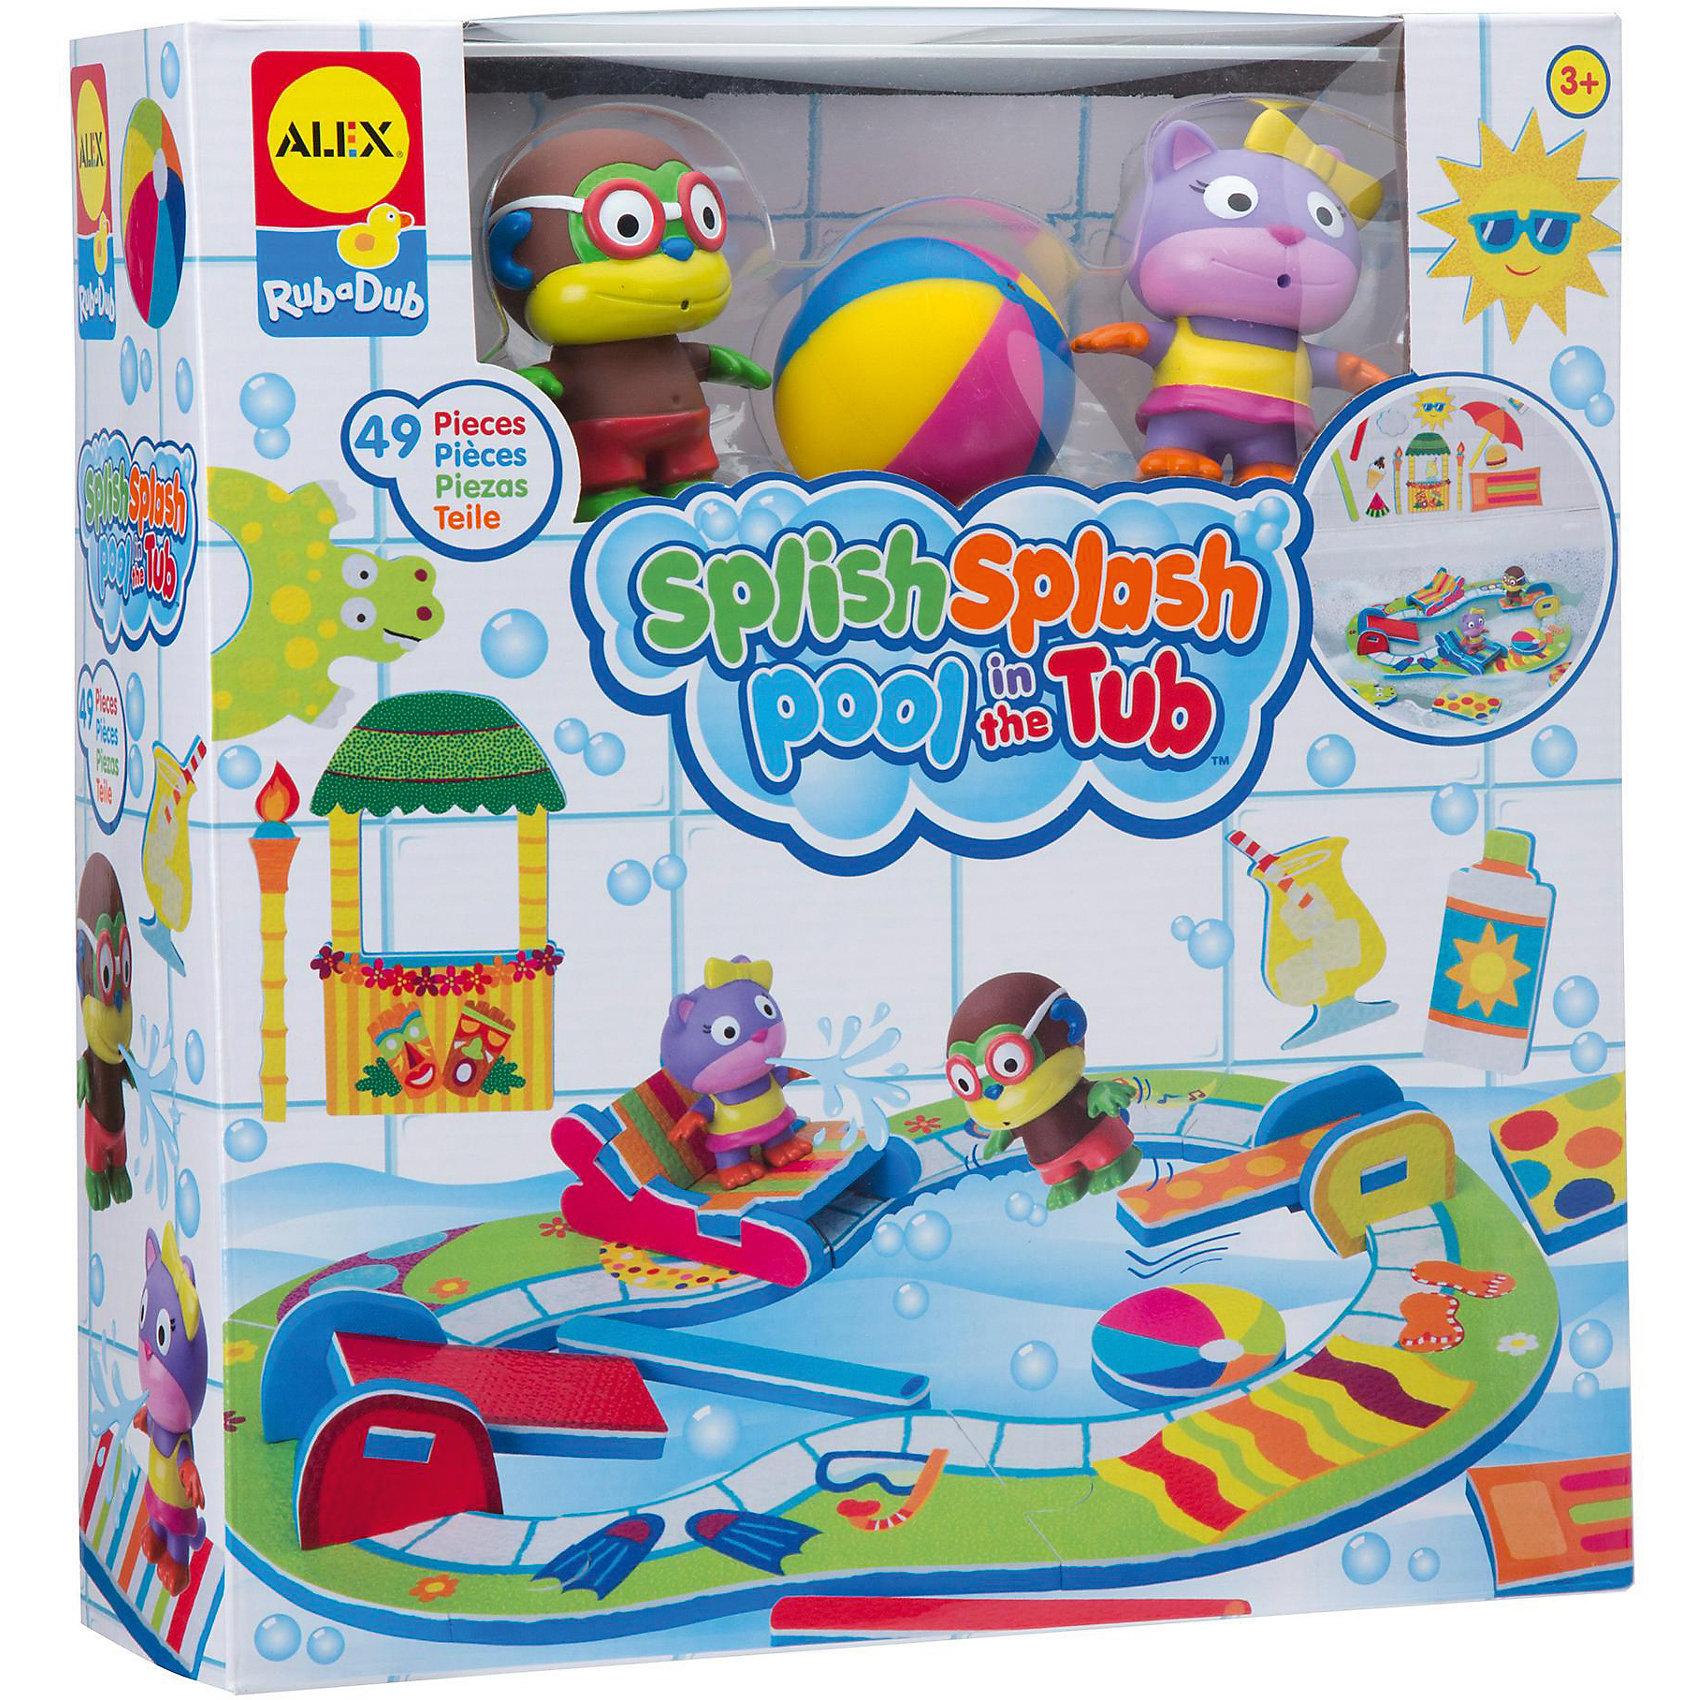 Игрушка для ванны Пляжная вечеринка, ALEXИгрушки для ванной<br>Характеристики:<br><br>• возраст: от 3 лет<br>• в комплекте: 43 красочных наклеек для ванны, брызгалки Кошечка и Обезьянка, пляжный мяч, сетка для хранения<br>• размер упаковки: 90х290х330 мм.<br>• вес: 730 гр.<br><br>Игрушка для ванны «Пляжная вечеринка» от, ALEX (АЛЕКС) привлечет внимание малыша и превратит купание в веселую игру. С помощью красочных наклеек можно организовать пляжную вечеринку для Кошечки и Обезьянки: построить бассейн с горками, шезлонгом, пляжным мячом, дайвинг-досками, тики-баром. <br><br>Наклейки могут свободно плавать на поверхности воды, а также они легко крепятся к влажной стенке ванны и кафелю. Набор для ванны «Пляжная вечеринка» развивает воображение, мелкую моторику, а также помогает ребенку справиться с боязнью воды.<br><br>Игрушку для ванны Пляжная вечеринка, ALEX (АЛЕКС) можно купить в нашем интернет-магазине.<br><br>Ширина мм: 90<br>Глубина мм: 290<br>Высота мм: 330<br>Вес г: 730<br>Возраст от месяцев: 36<br>Возраст до месяцев: 2147483647<br>Пол: Унисекс<br>Возраст: Детский<br>SKU: 6725333